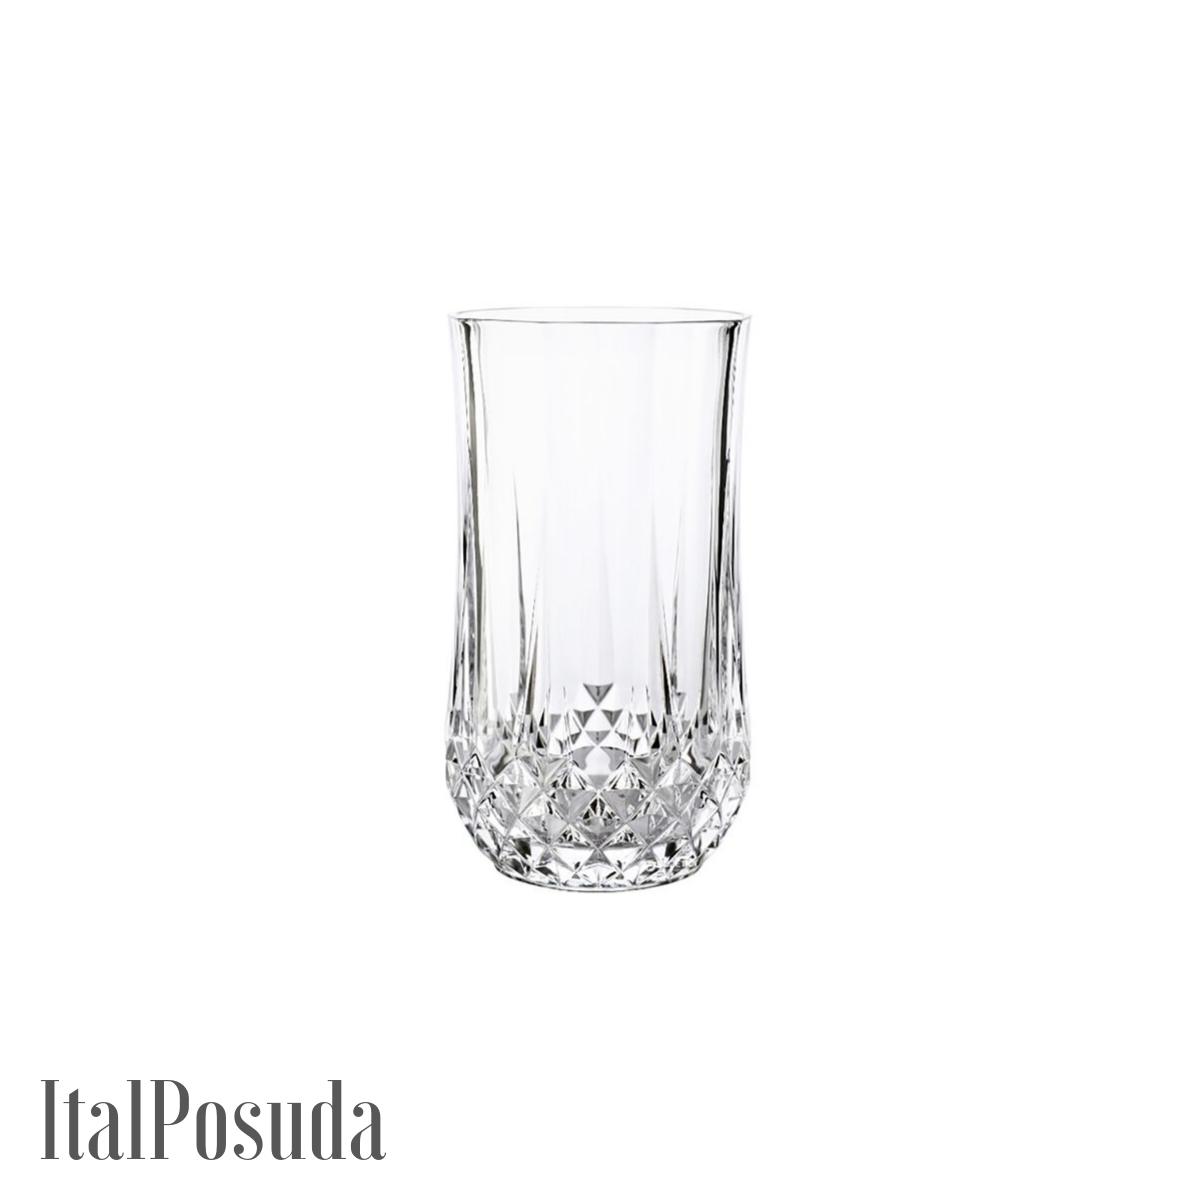 Набор стаканов Eclat Cristal d'Arques Longchamp (Лонгшамп), 6 шт L7554